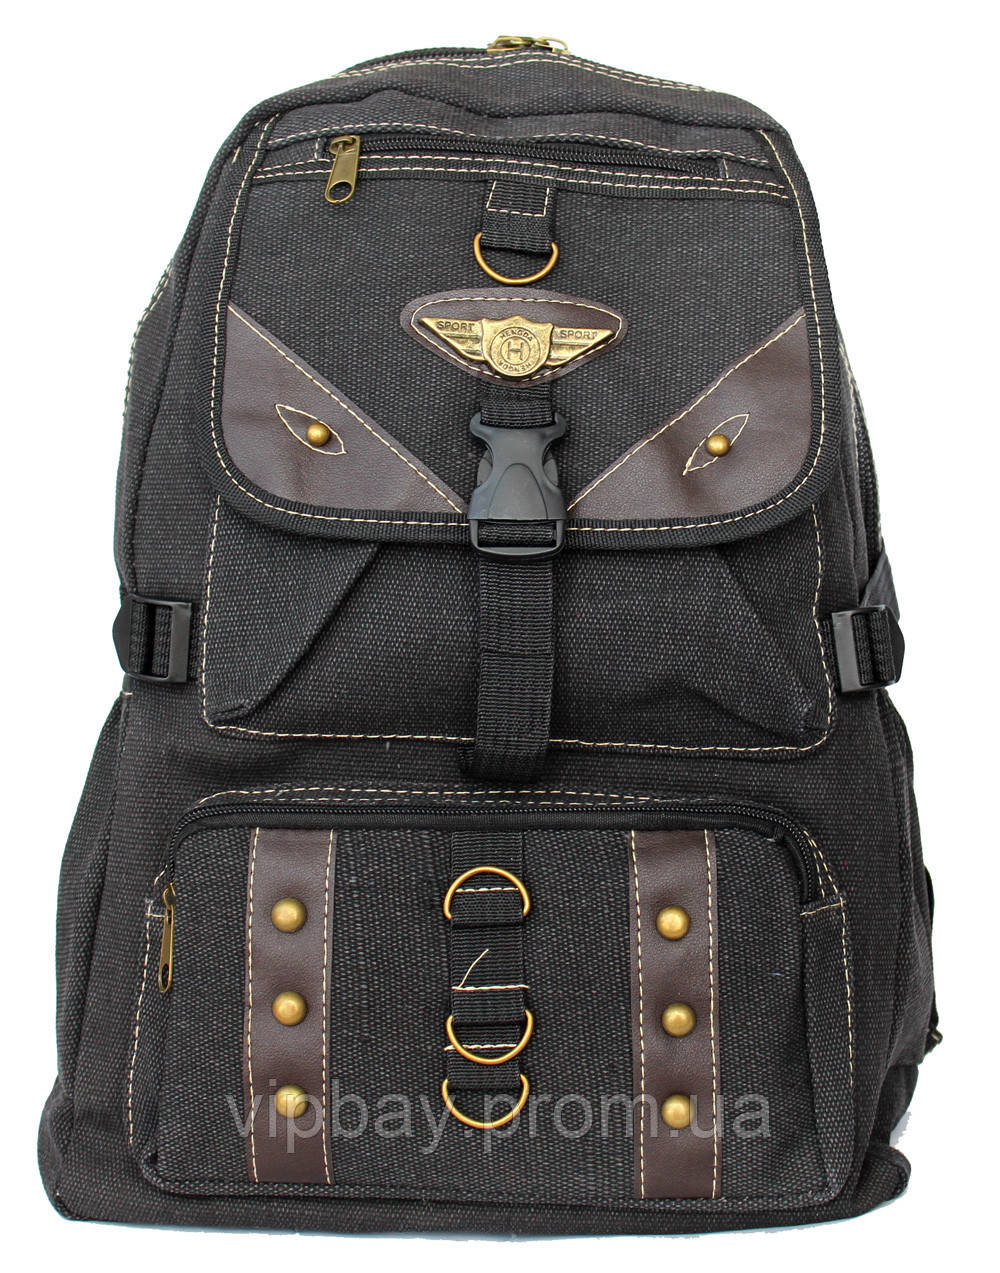 Тканевый спортивный прочный рюкзак черного цвета (9190ч)